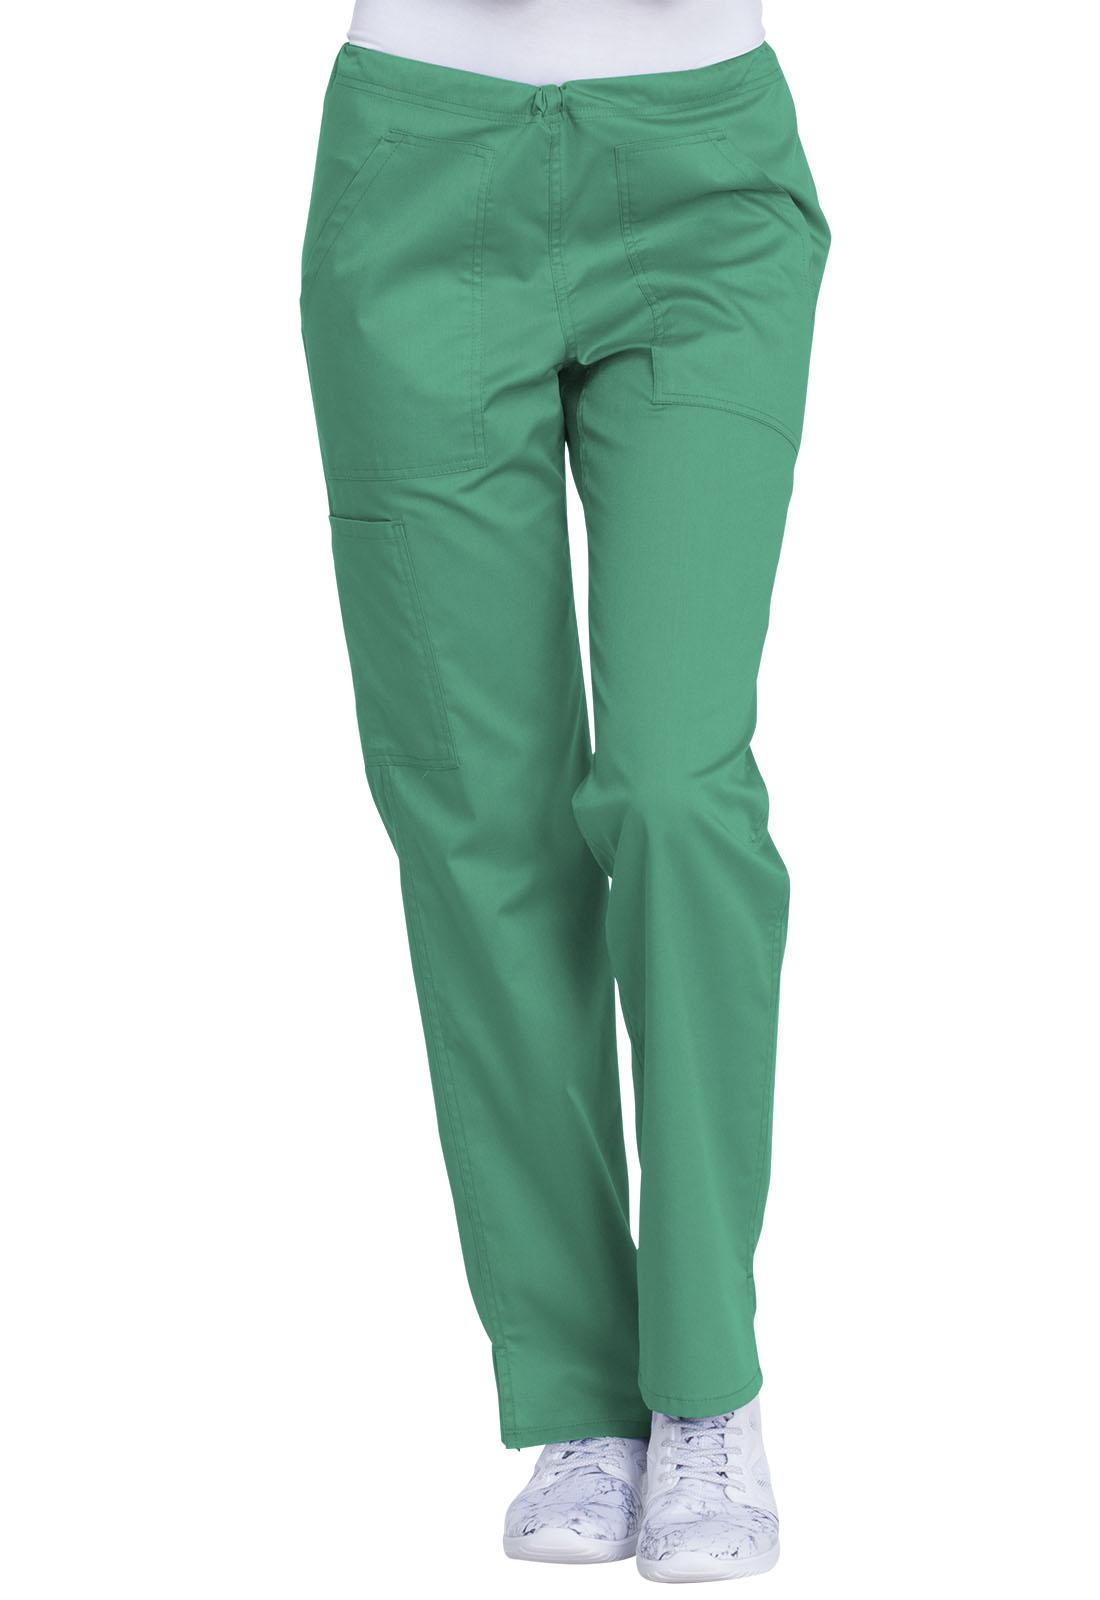 Pantalones Medicos Para Mujeres Genuino Gd100